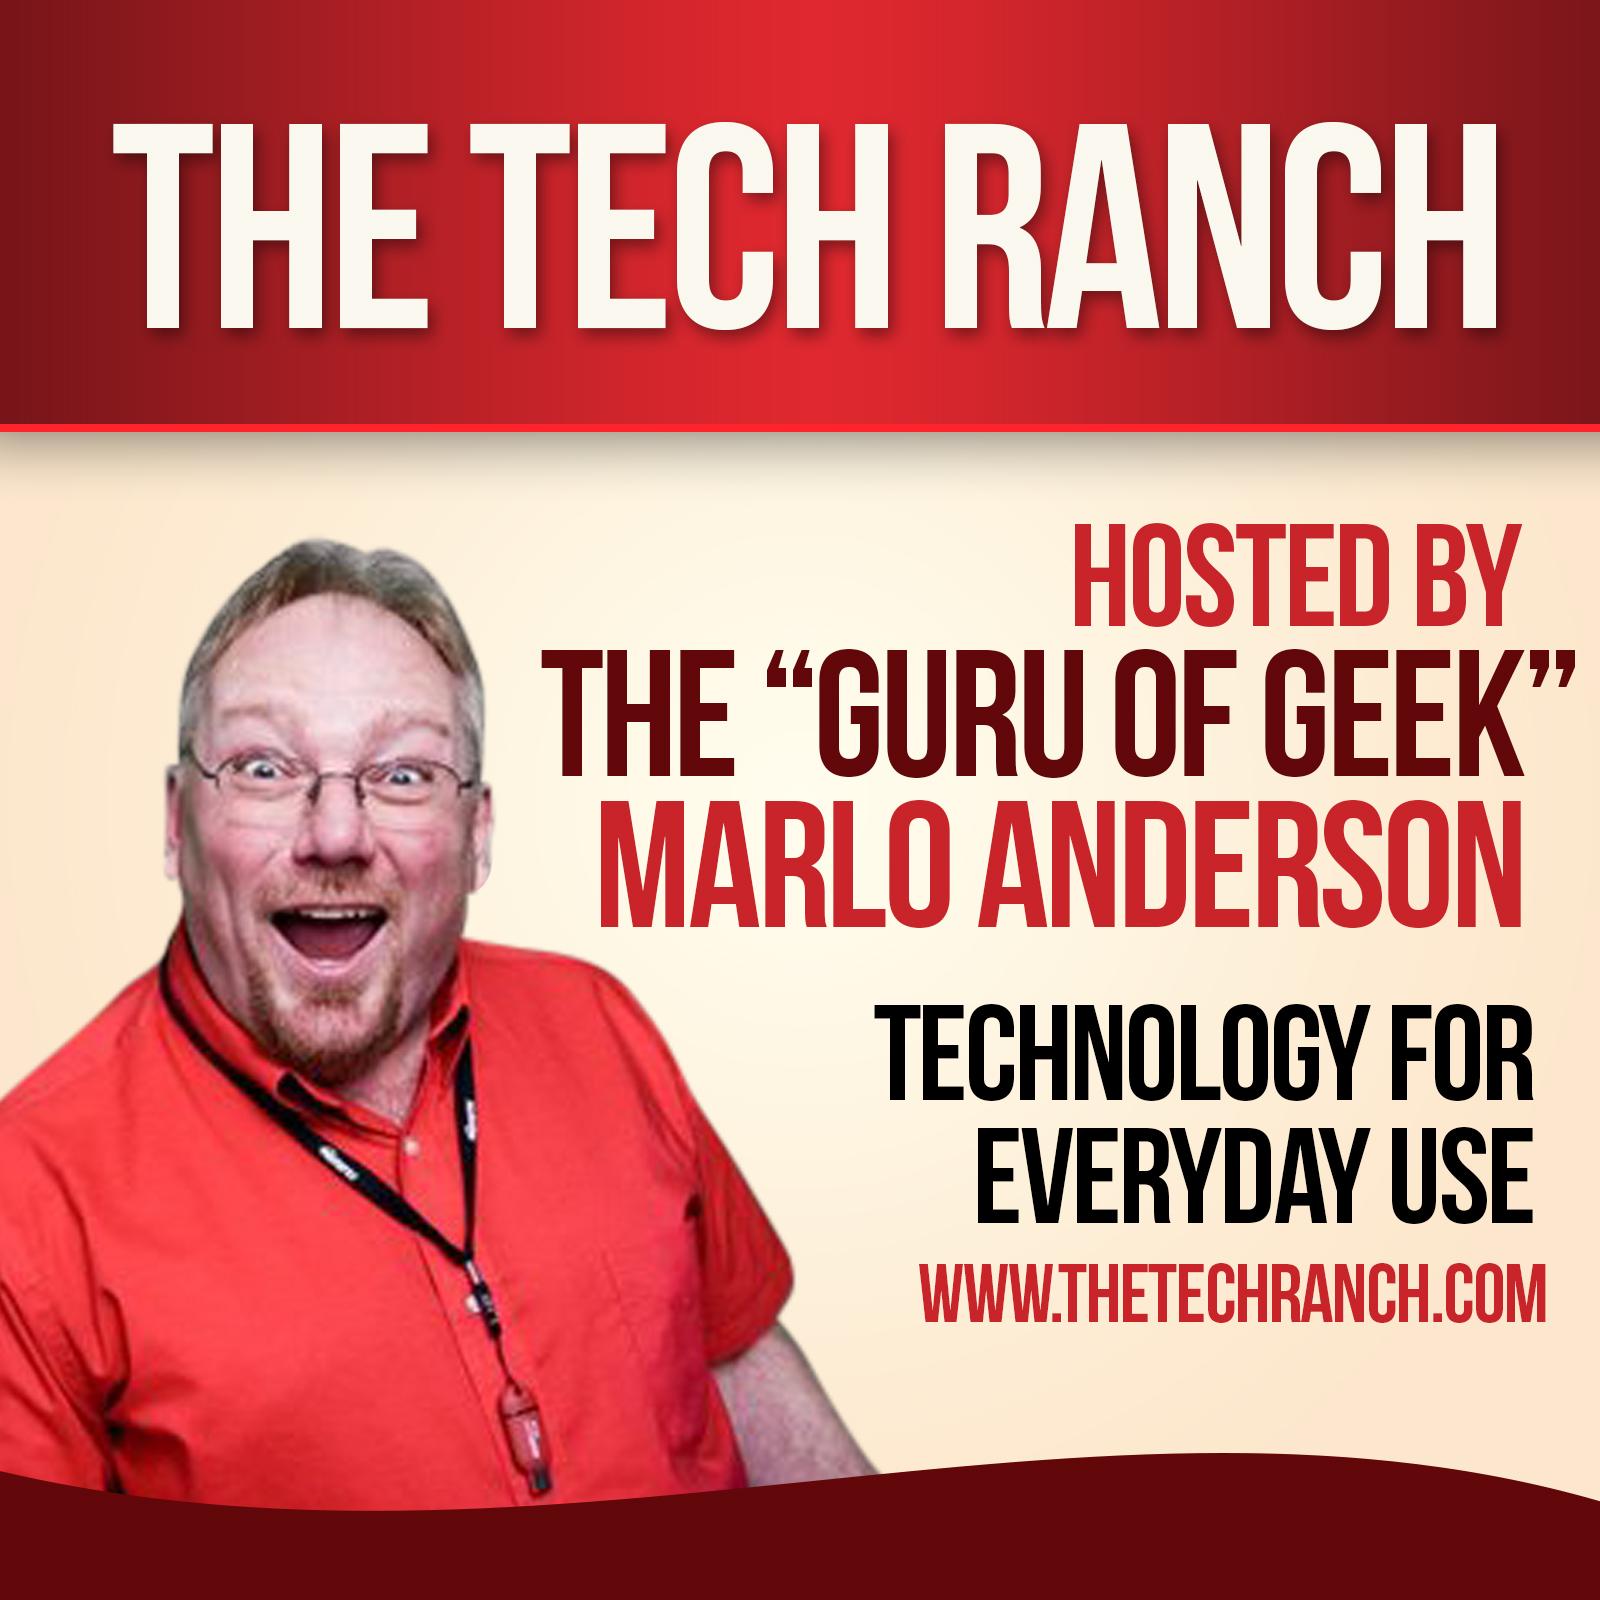 The Tech Ranch